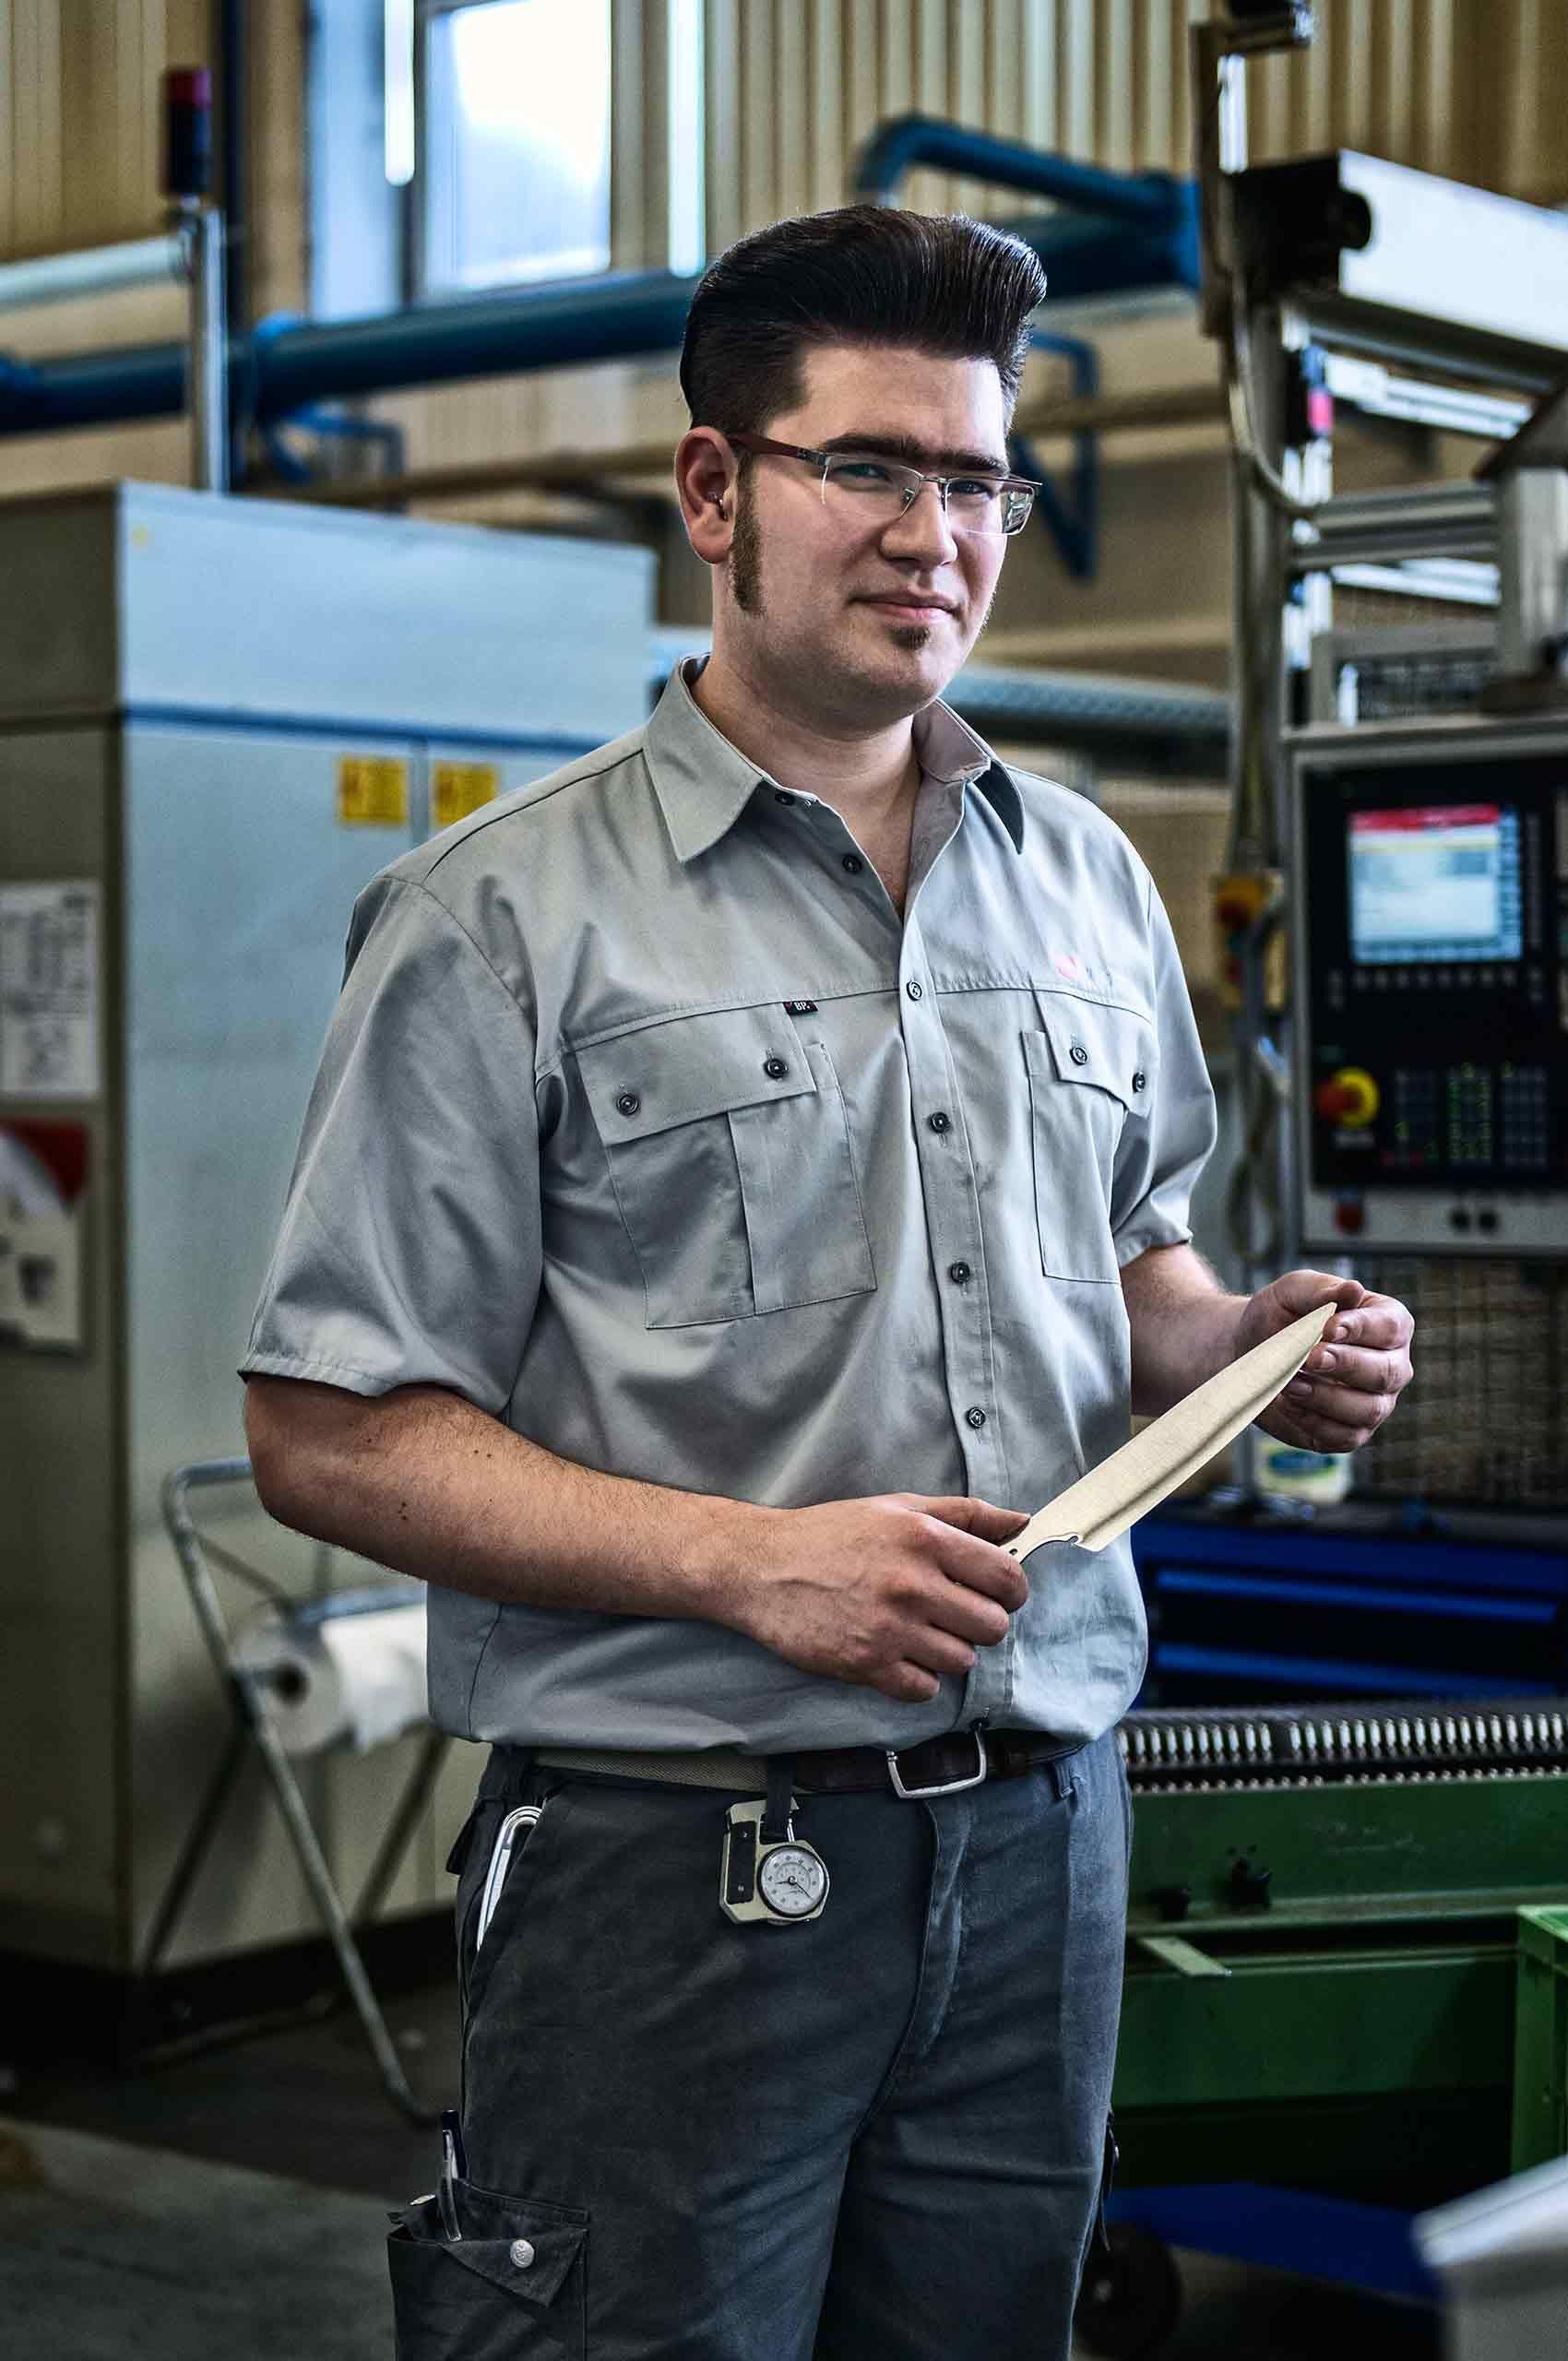 rockabilly-factory-worker-wustof-factory-solingen-germany-by-HenrikOlundPhotography.jpg